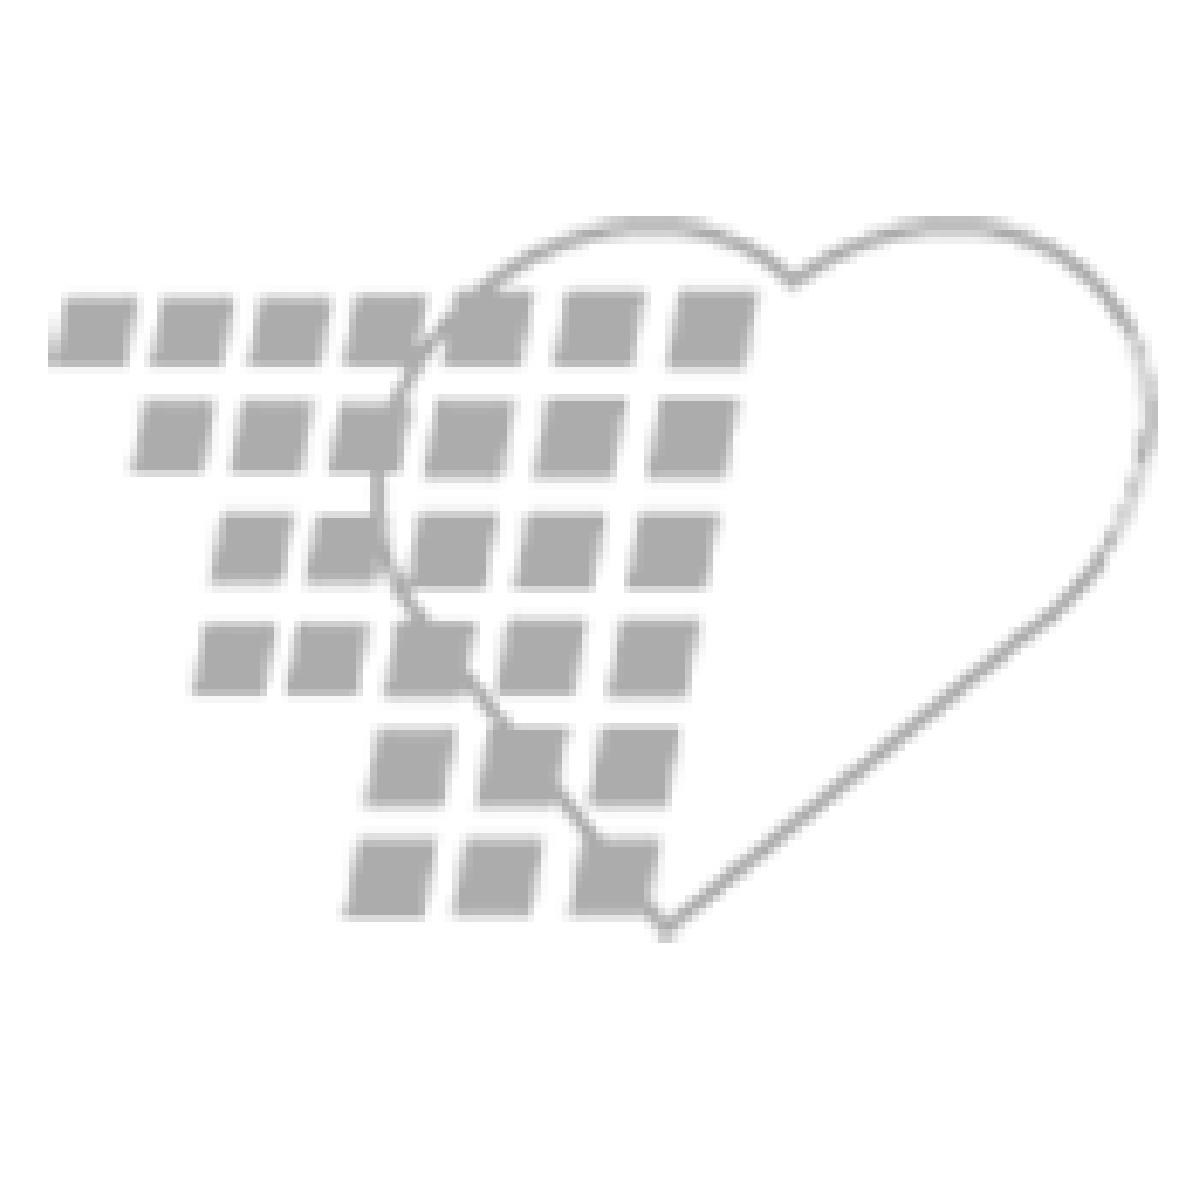 06-93-8104 Demo Dose® Succinl Cholin (Quelicn) 10 mL 20 mg/mL